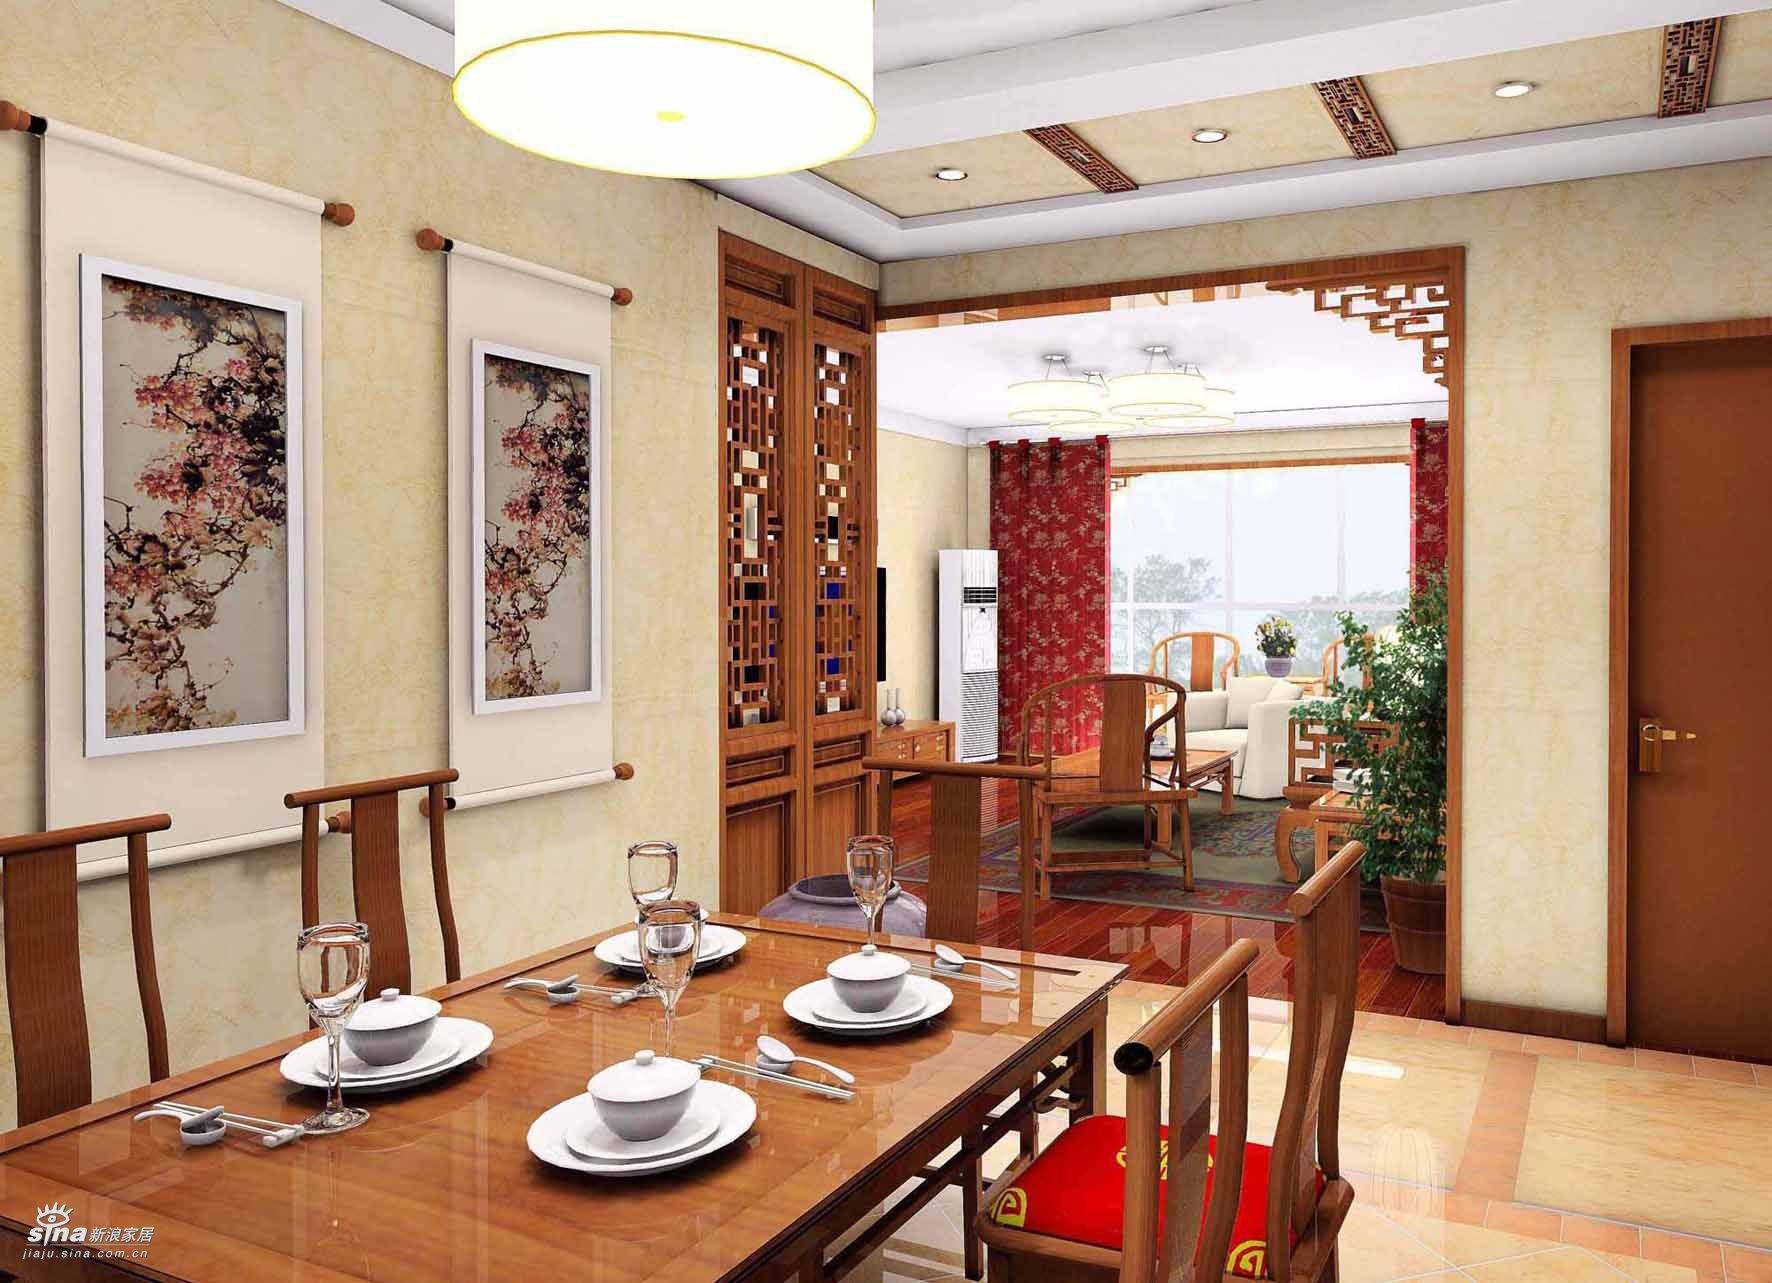 其他 别墅 餐厅图片来自用户2771736967在古典的精华60的分享